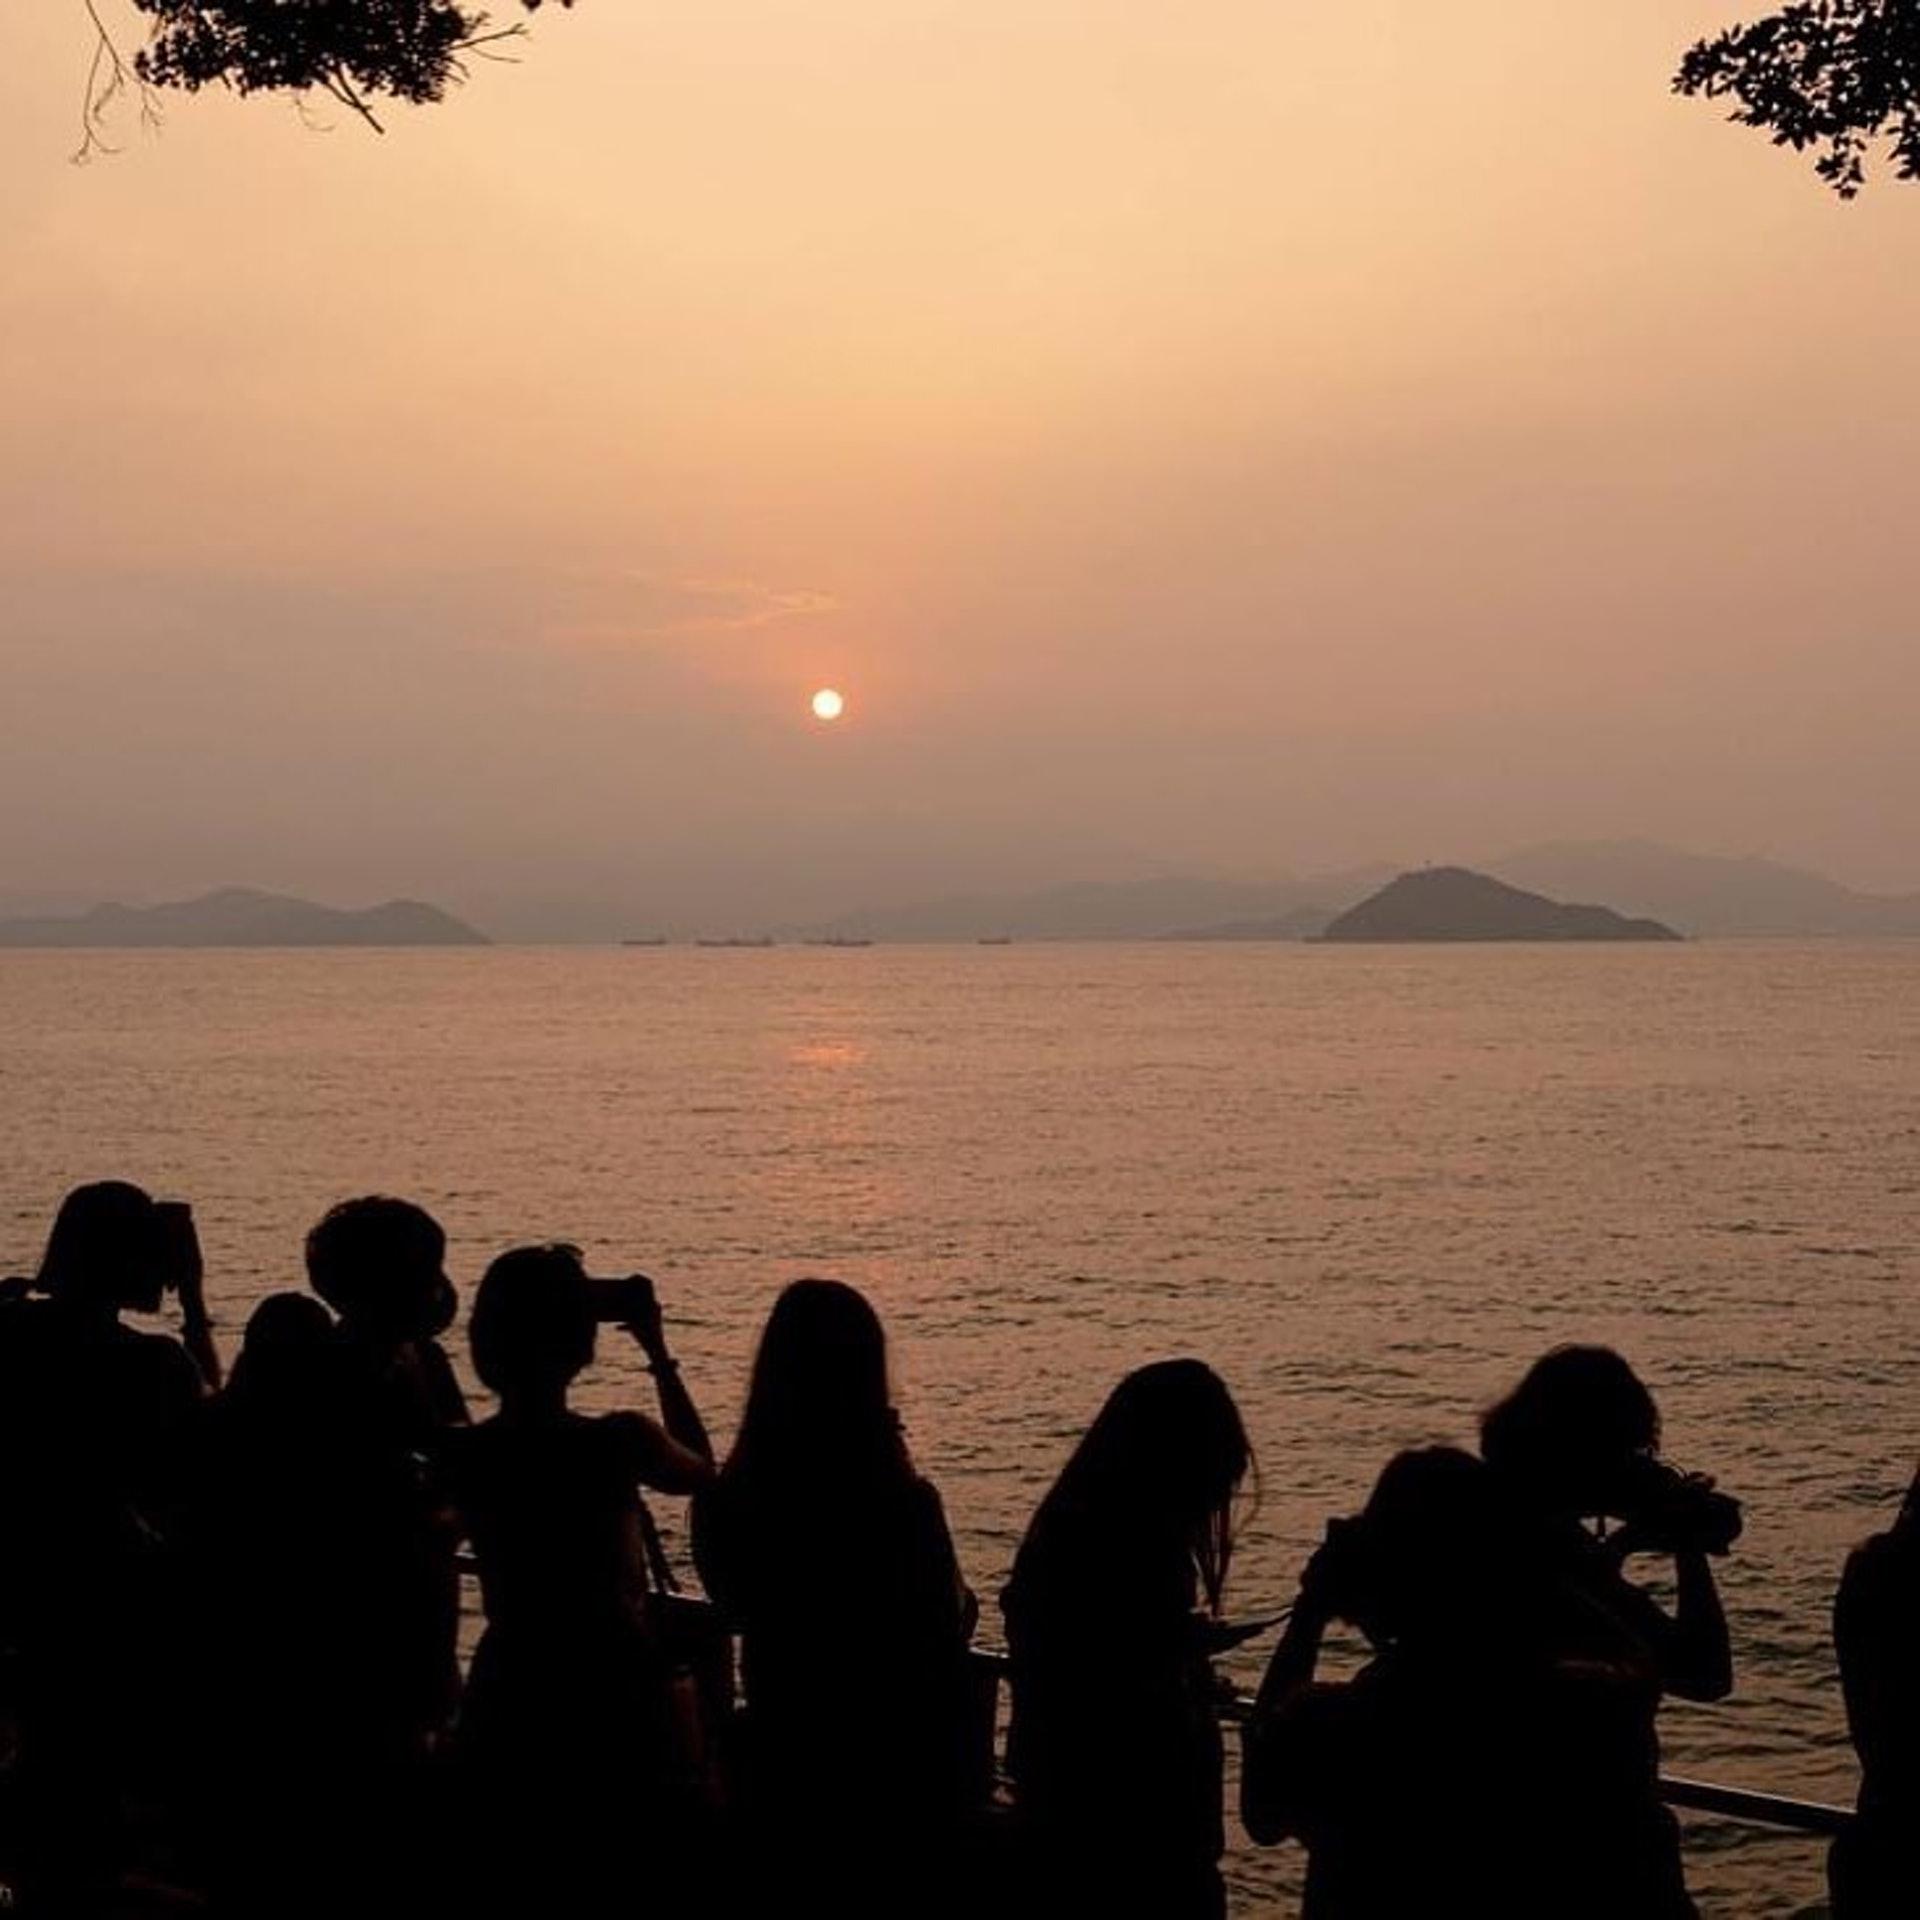 不少人會停留在泳棚附近睇日落,此時影逆光照就有夕陽無限好的感覺。(ig@ chanwaihungjack201)